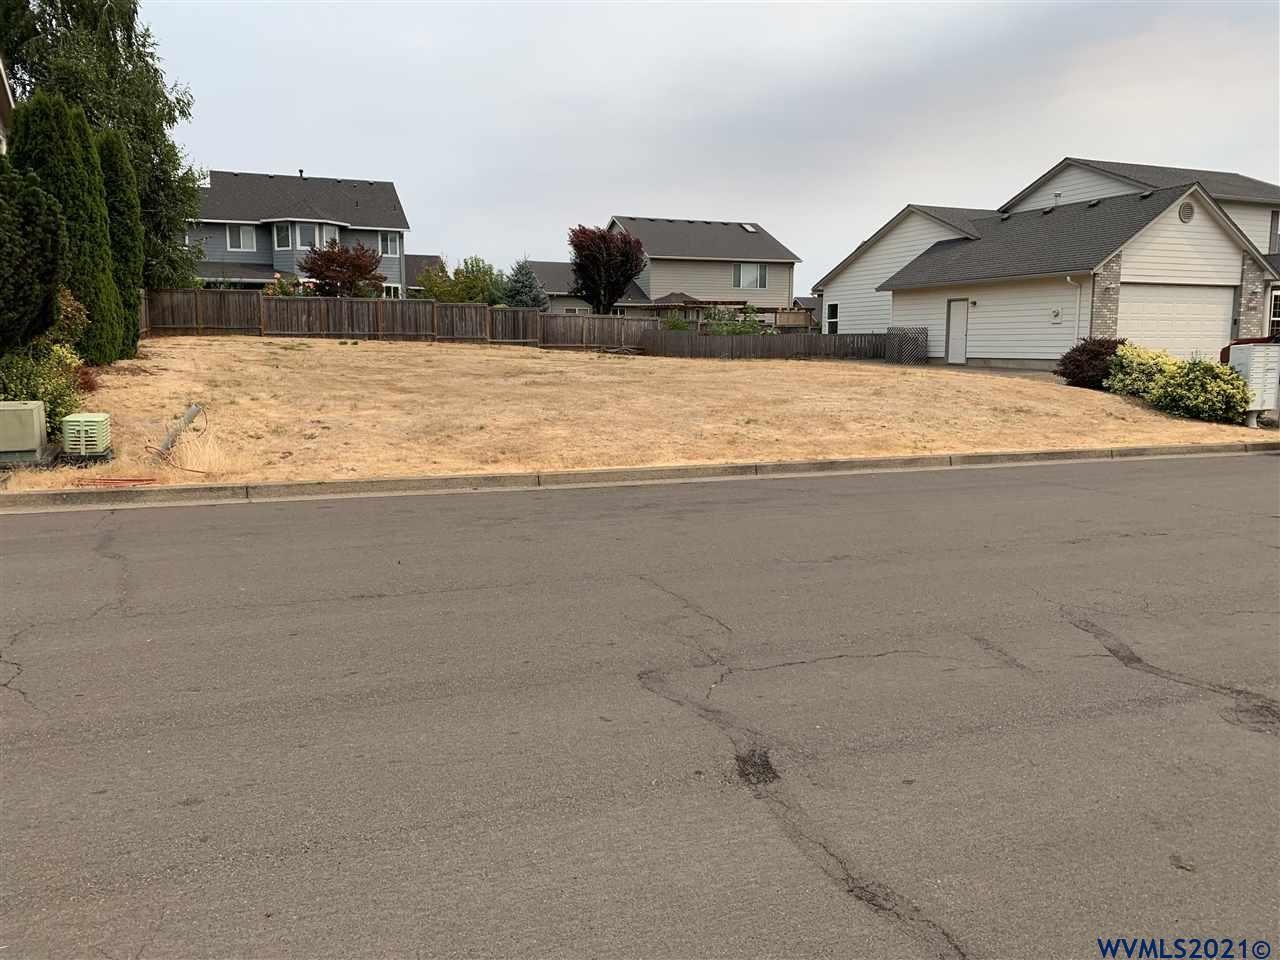 Photo of Hoover (Lot #7800) Av, Salem, OR 97304 (MLS # 782137)